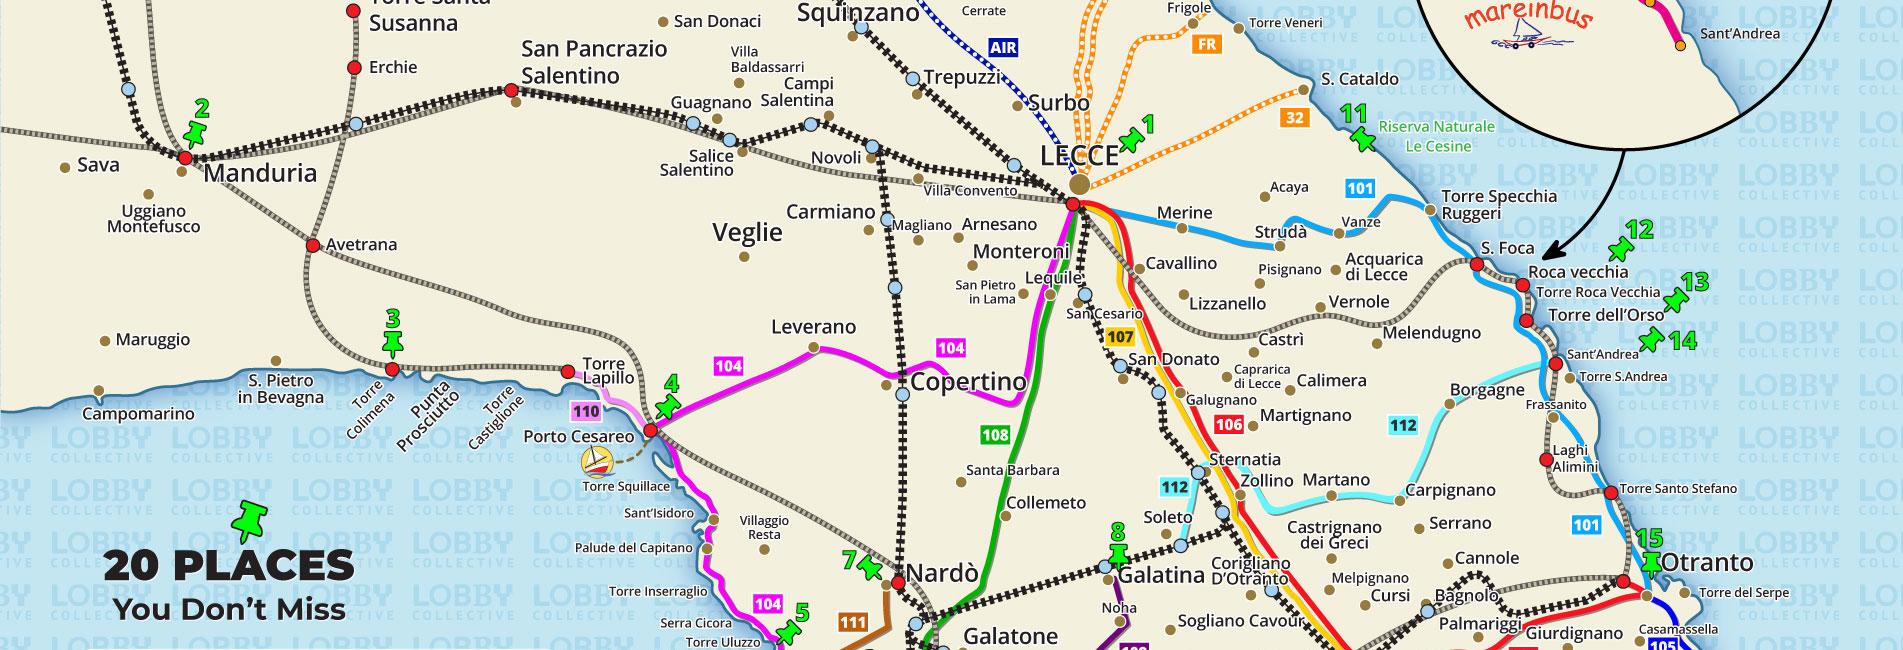 Lobby Collective Hostel - Mappa autobus e treni del Salento